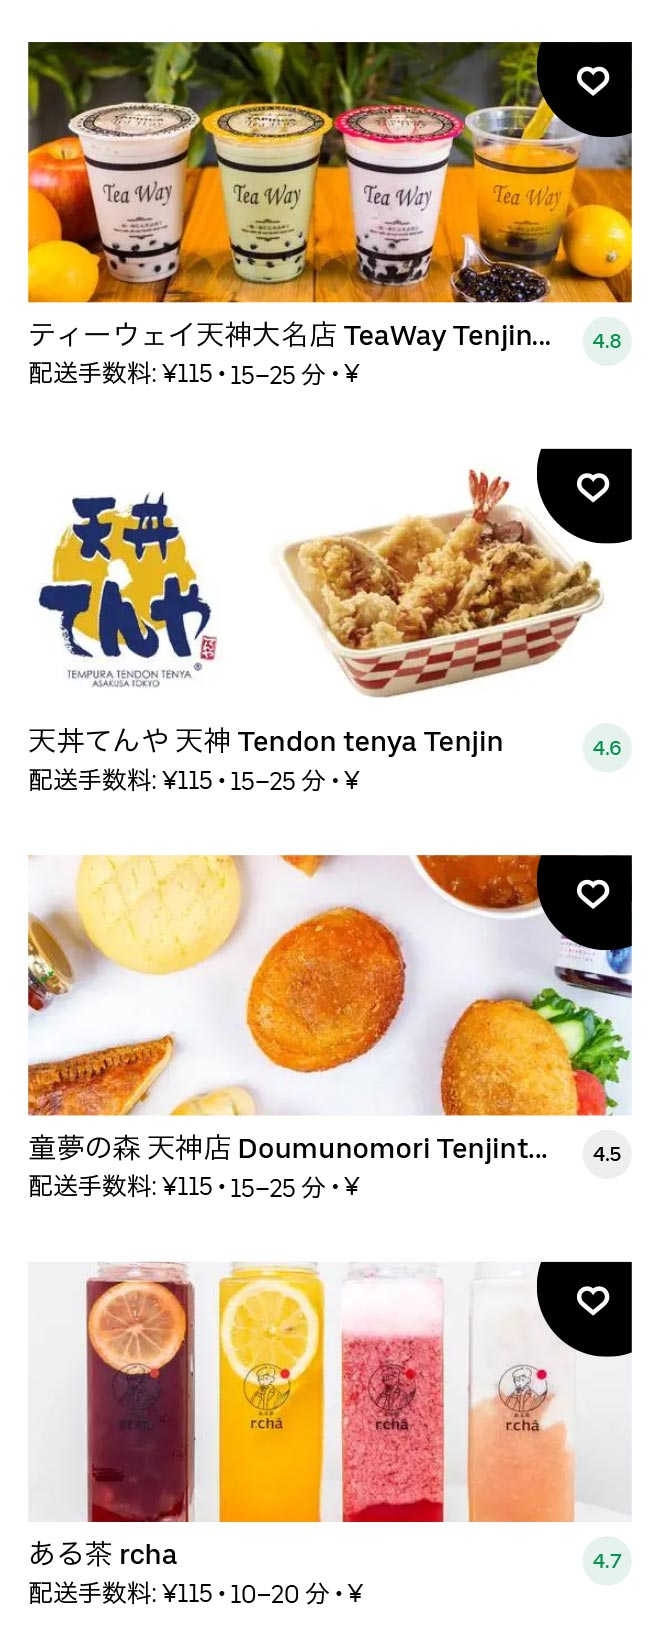 Akasaka menu 2101 06